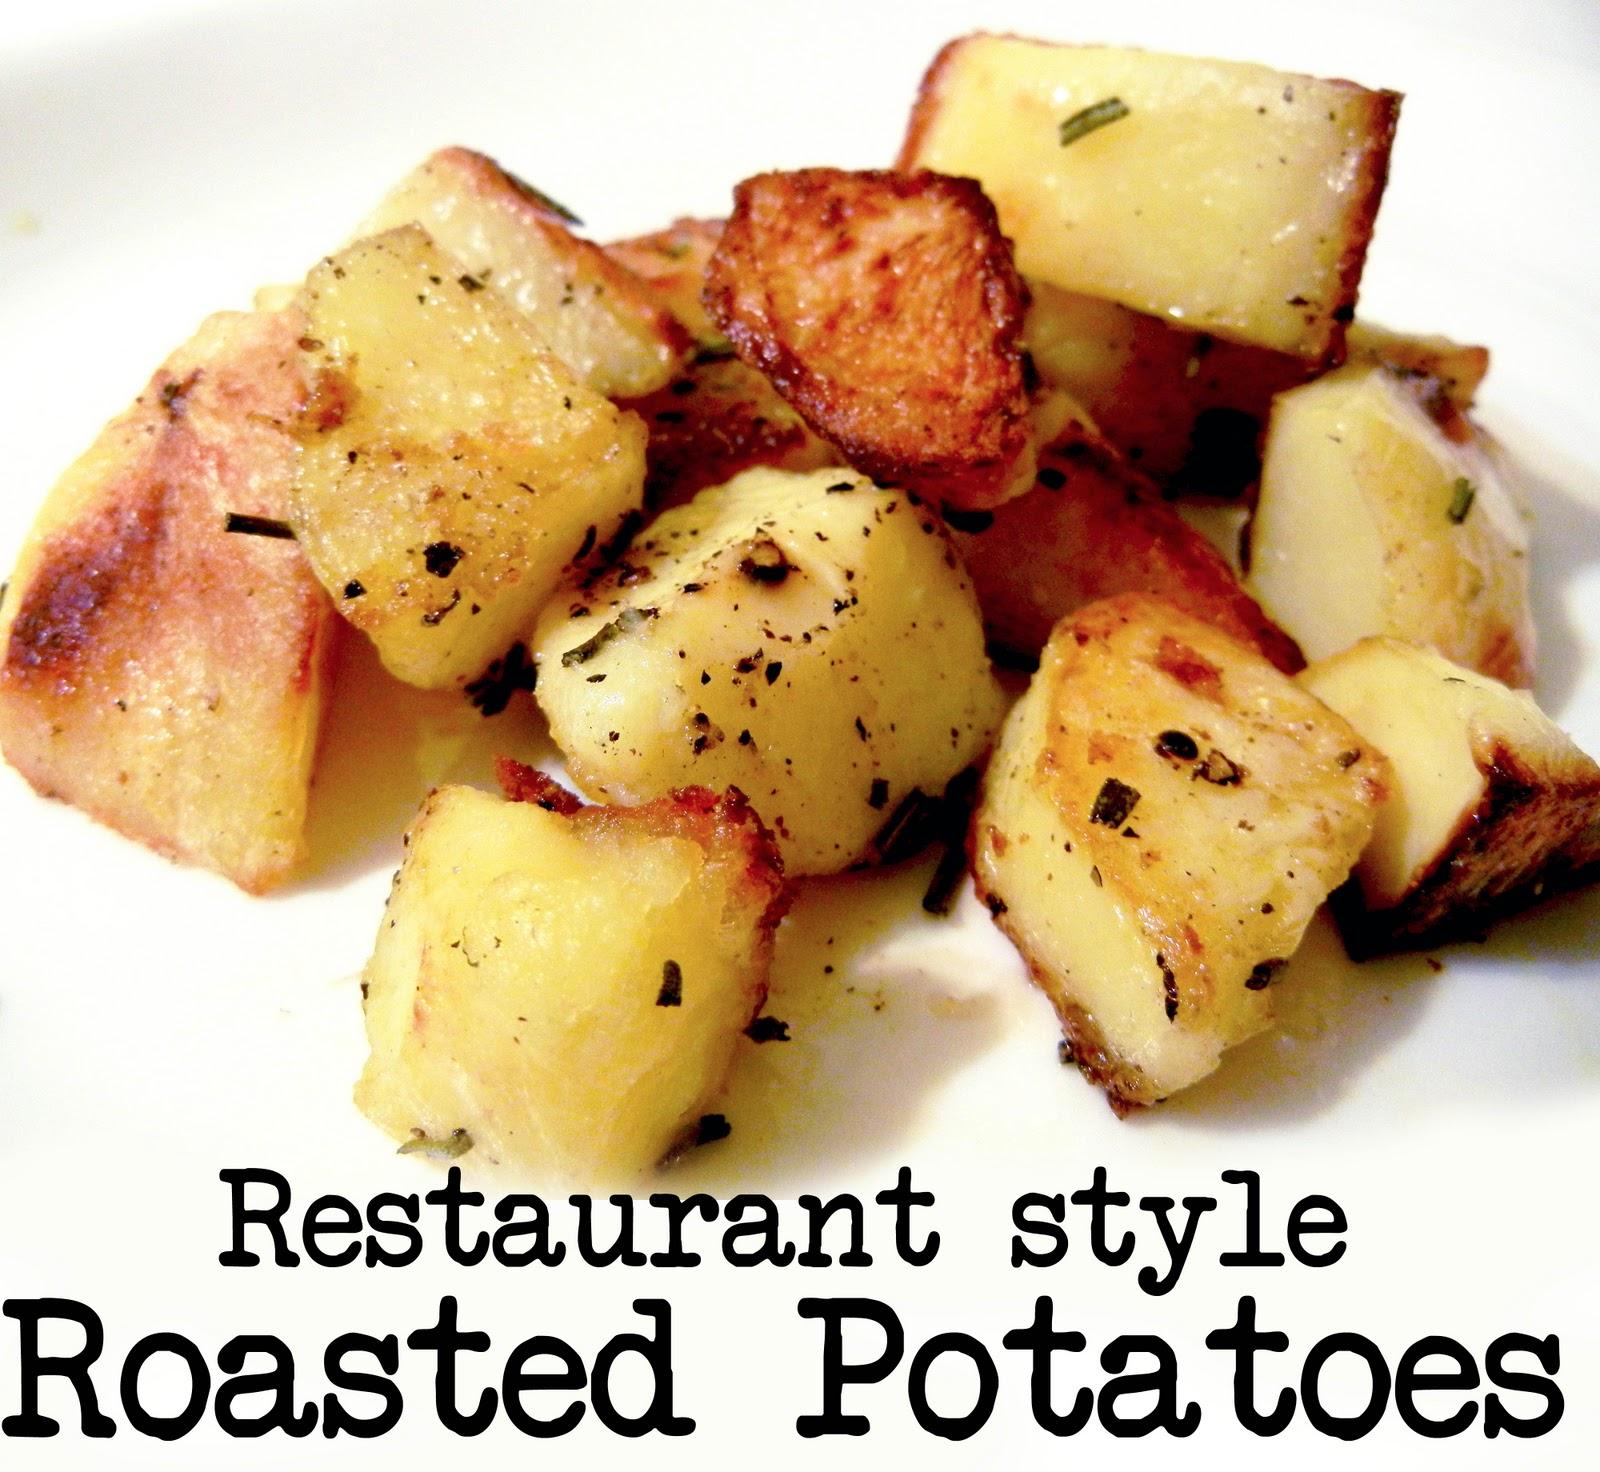 restaurant style salad dressing restaurant style smashed potatoes ...